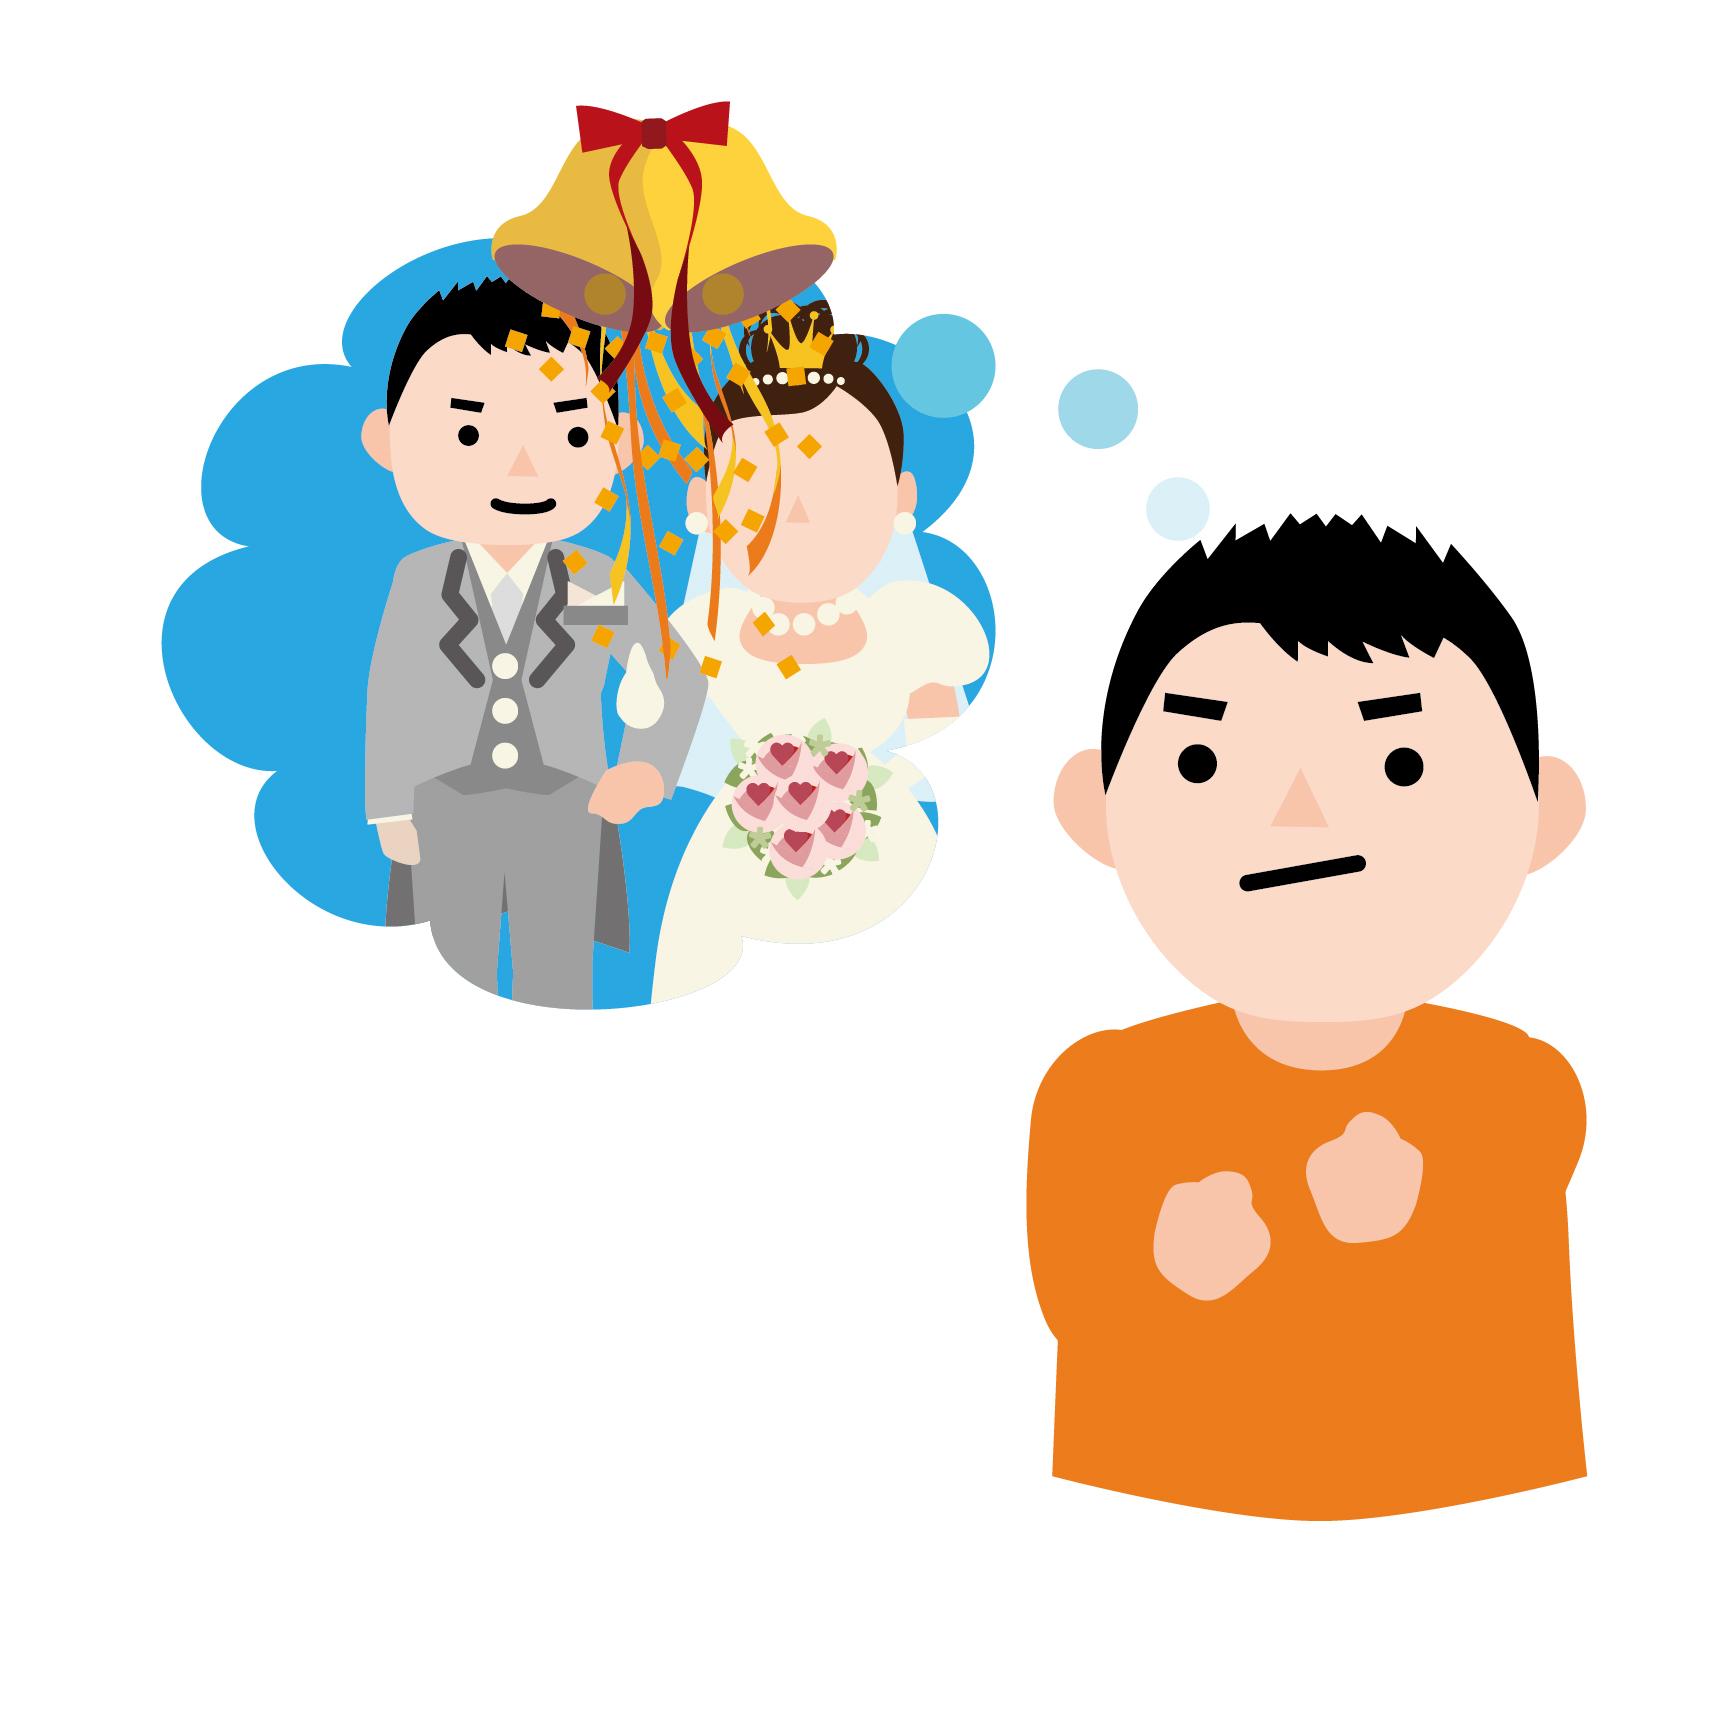 e68156ae8f702 ネット婚活(婚活サイト)の初デート!2回目も会えるためには